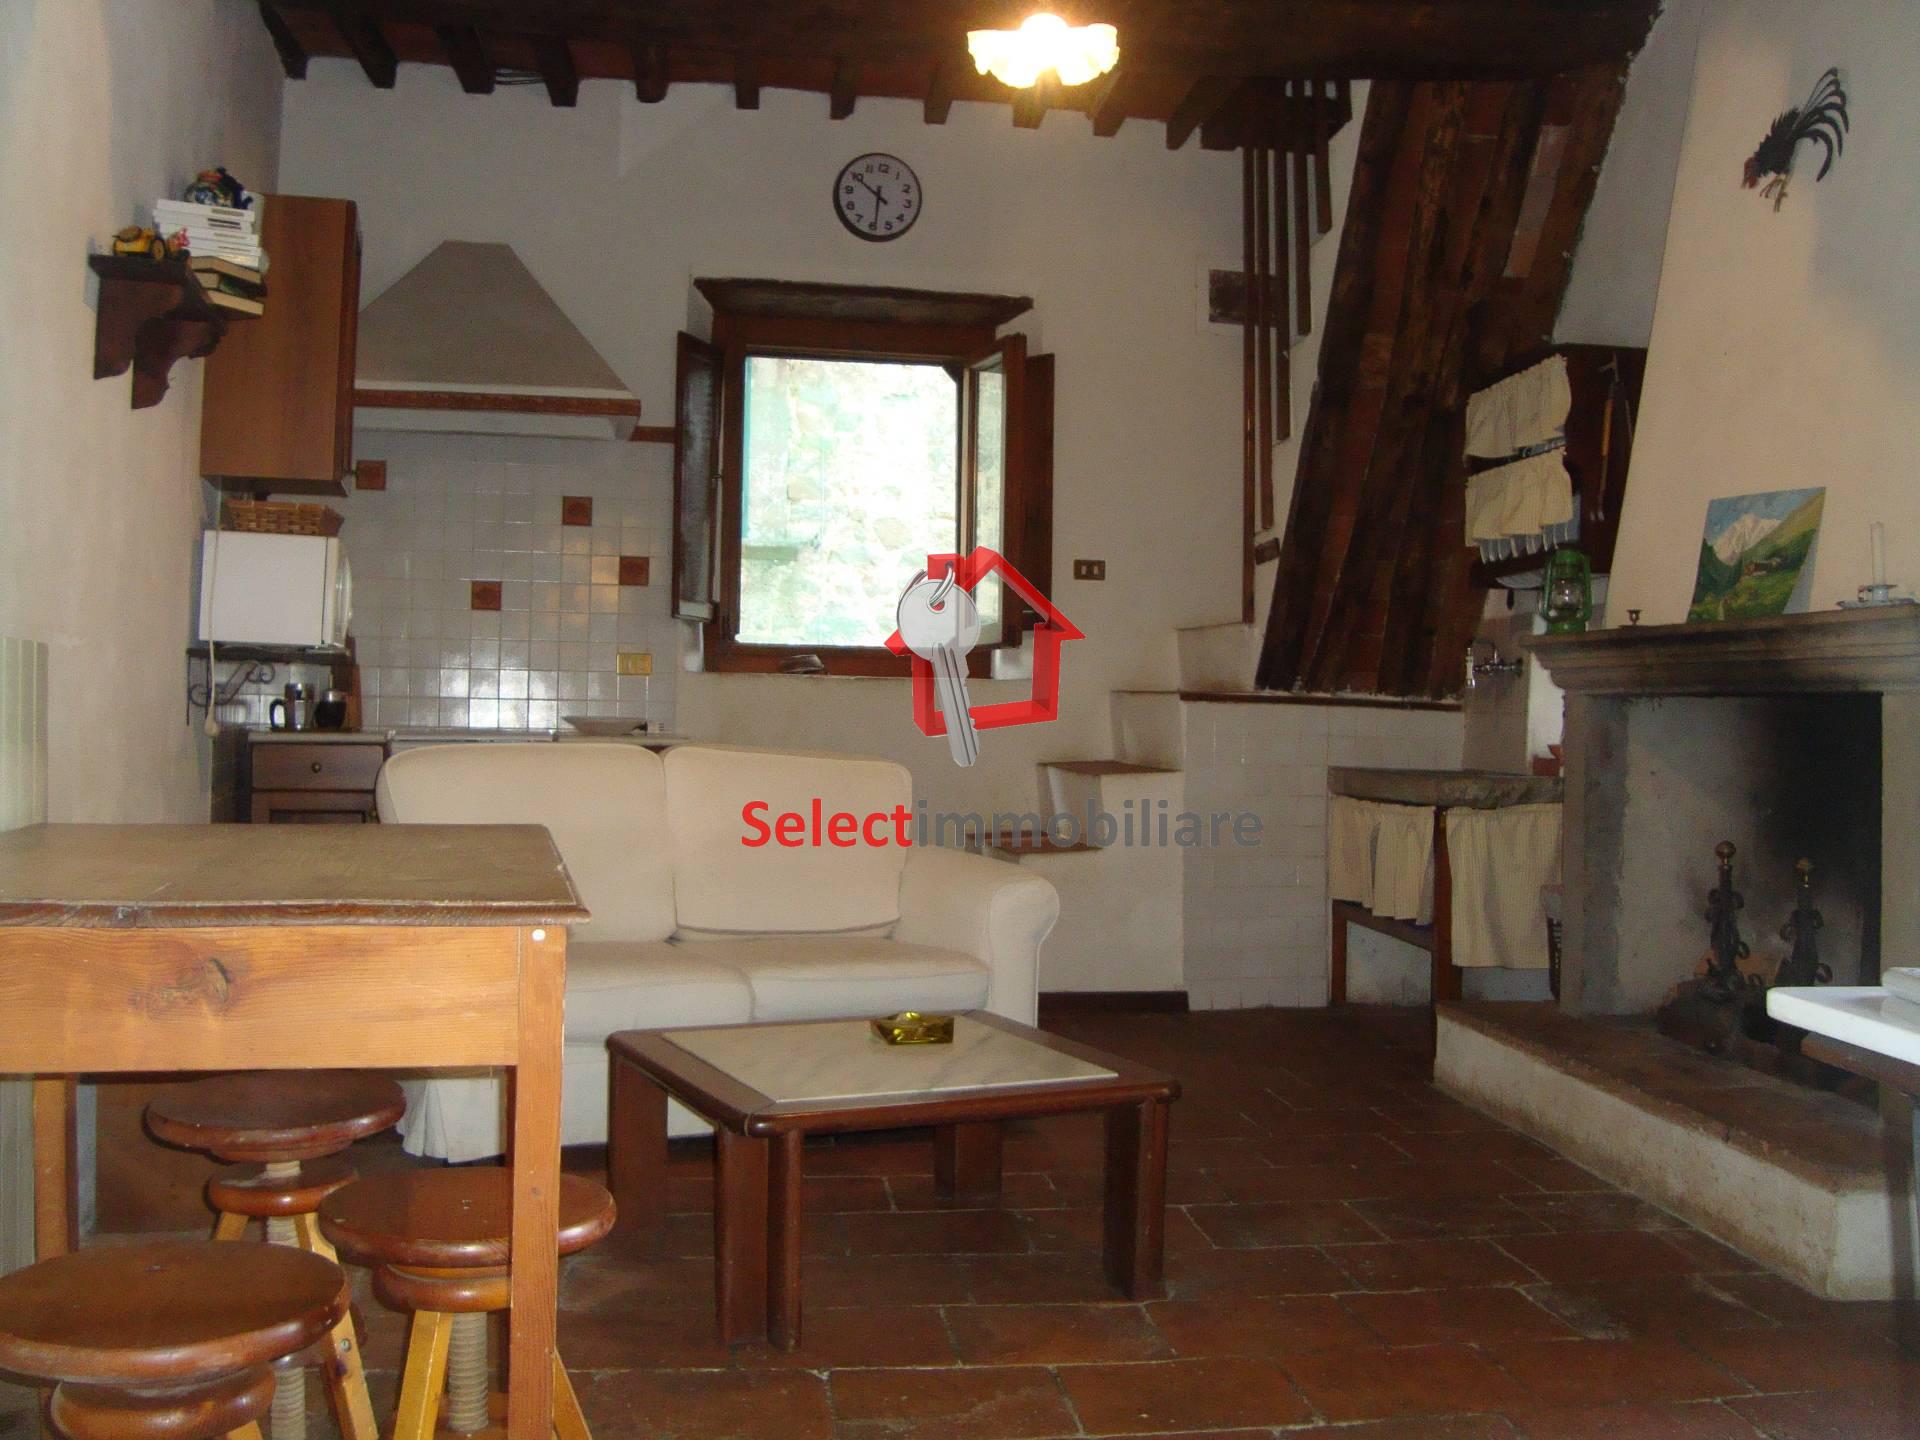 Soluzione Semindipendente in vendita a Bagni di Lucca, 5 locali, prezzo € 120.000 | CambioCasa.it